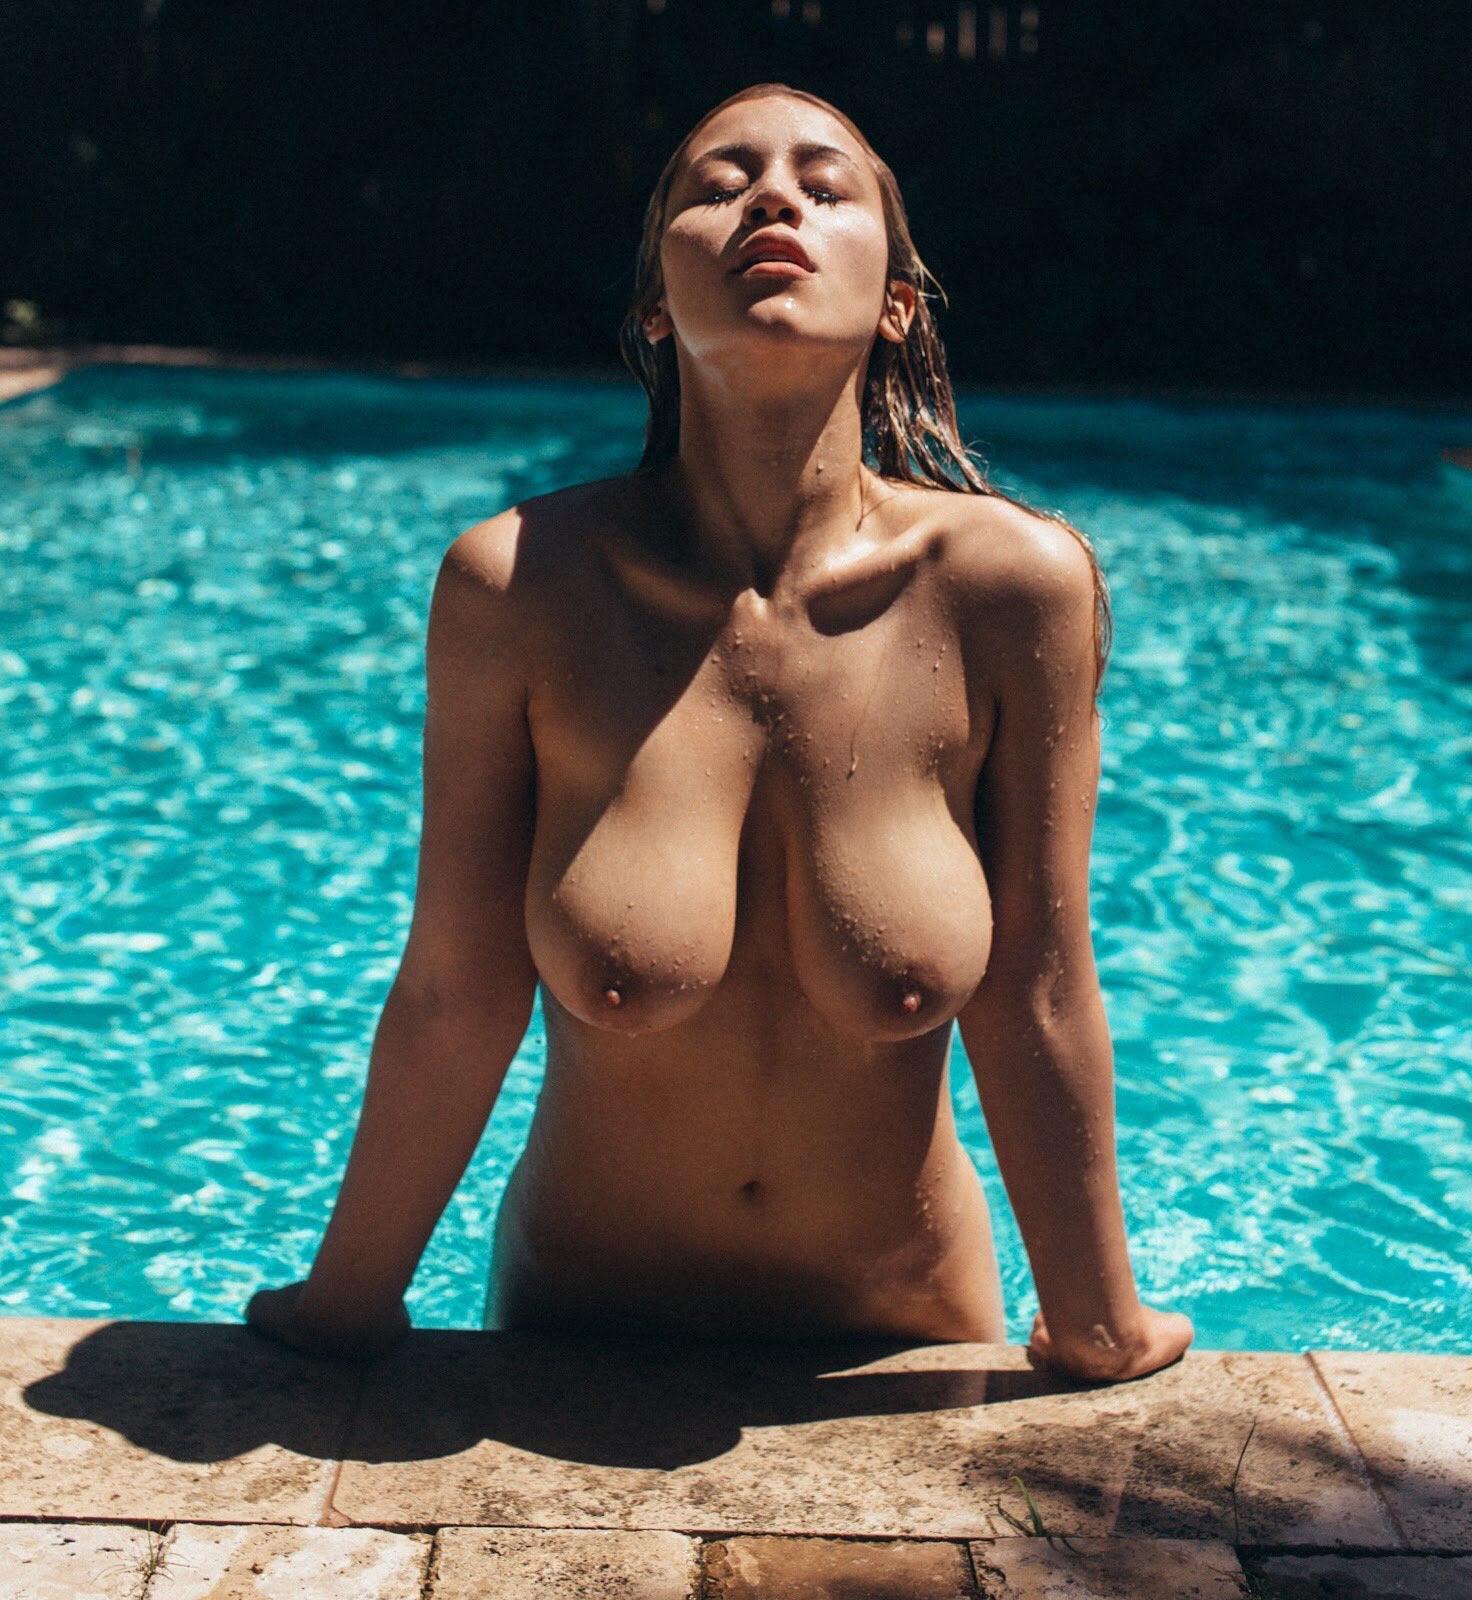 Nude caylee cowan Hollywood Leaked